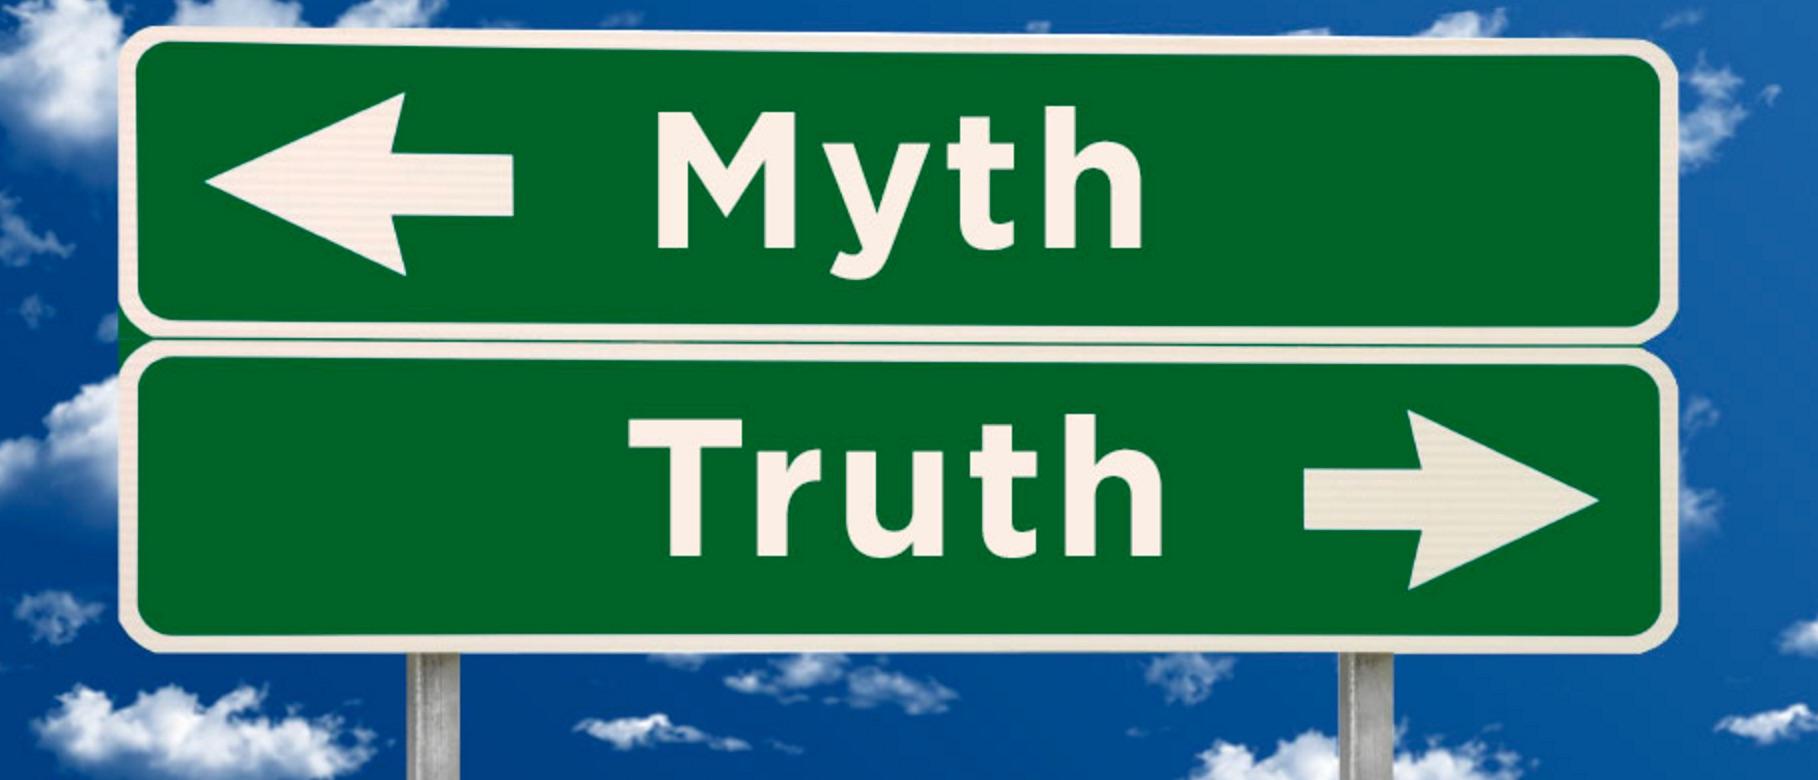 myths_v_truths.jpg